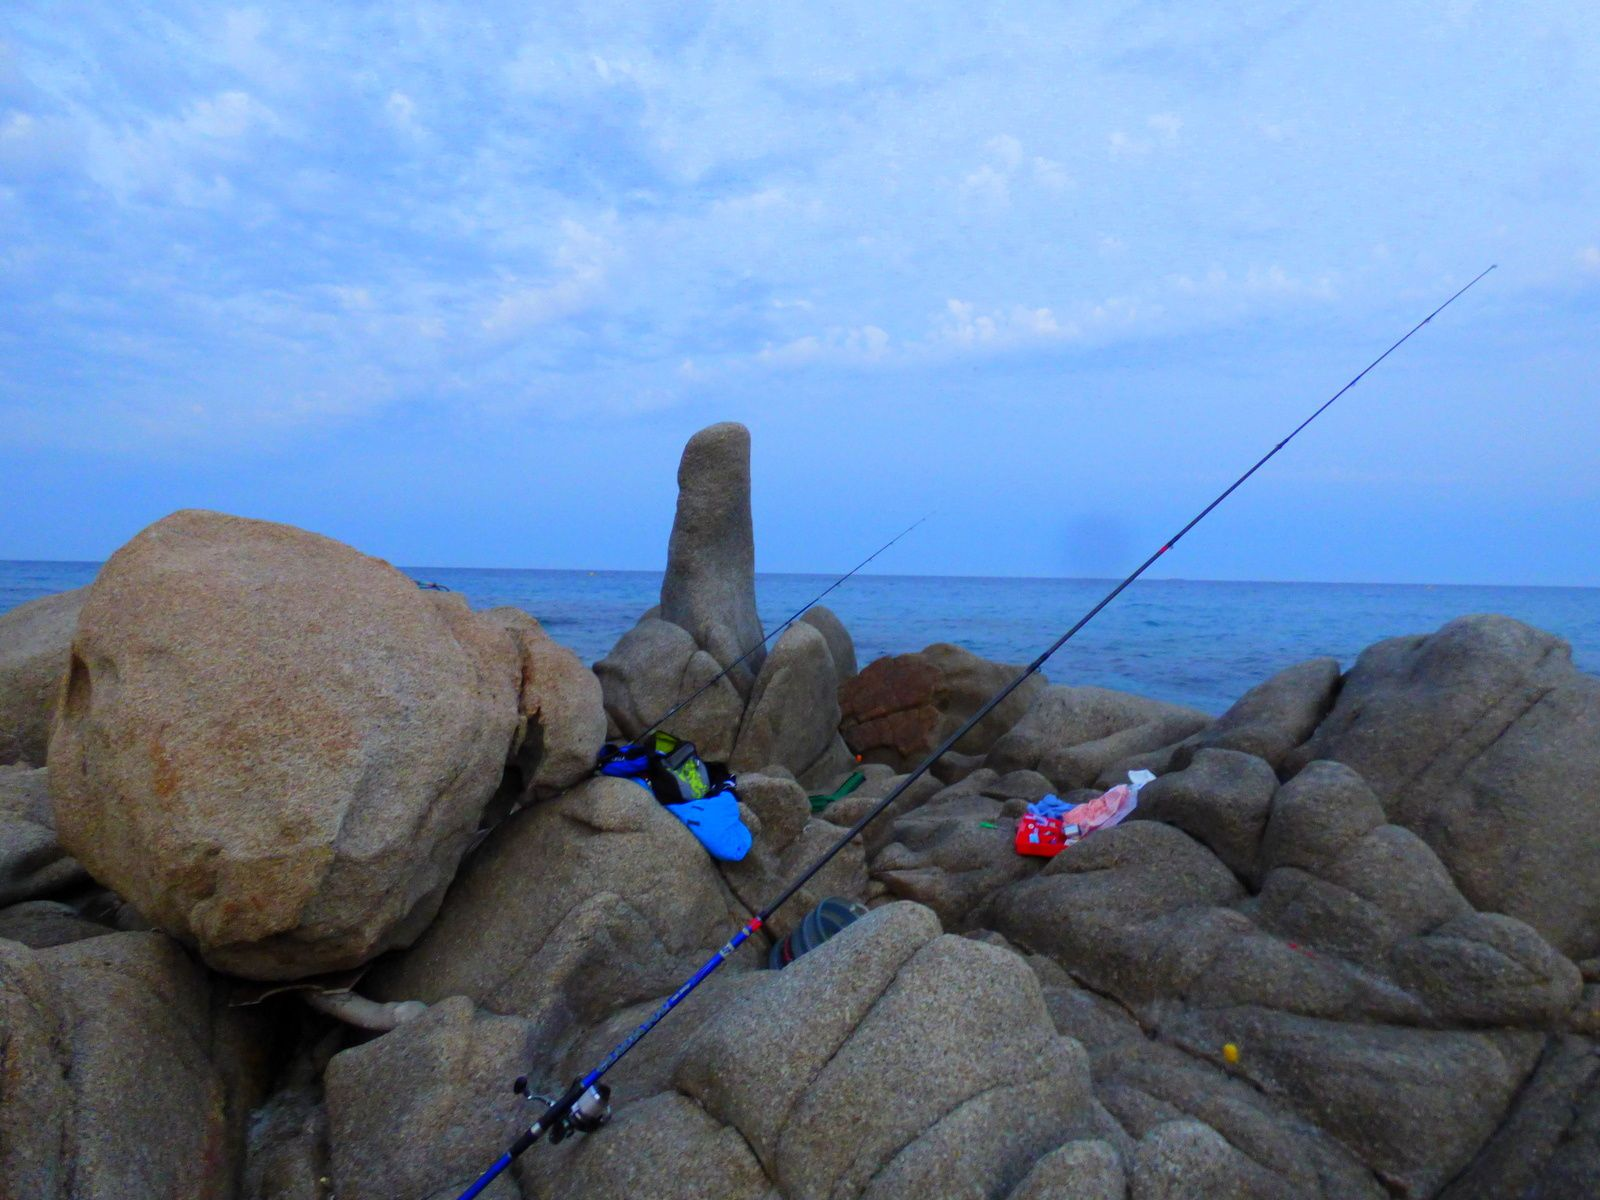 La reprise de la pêche.